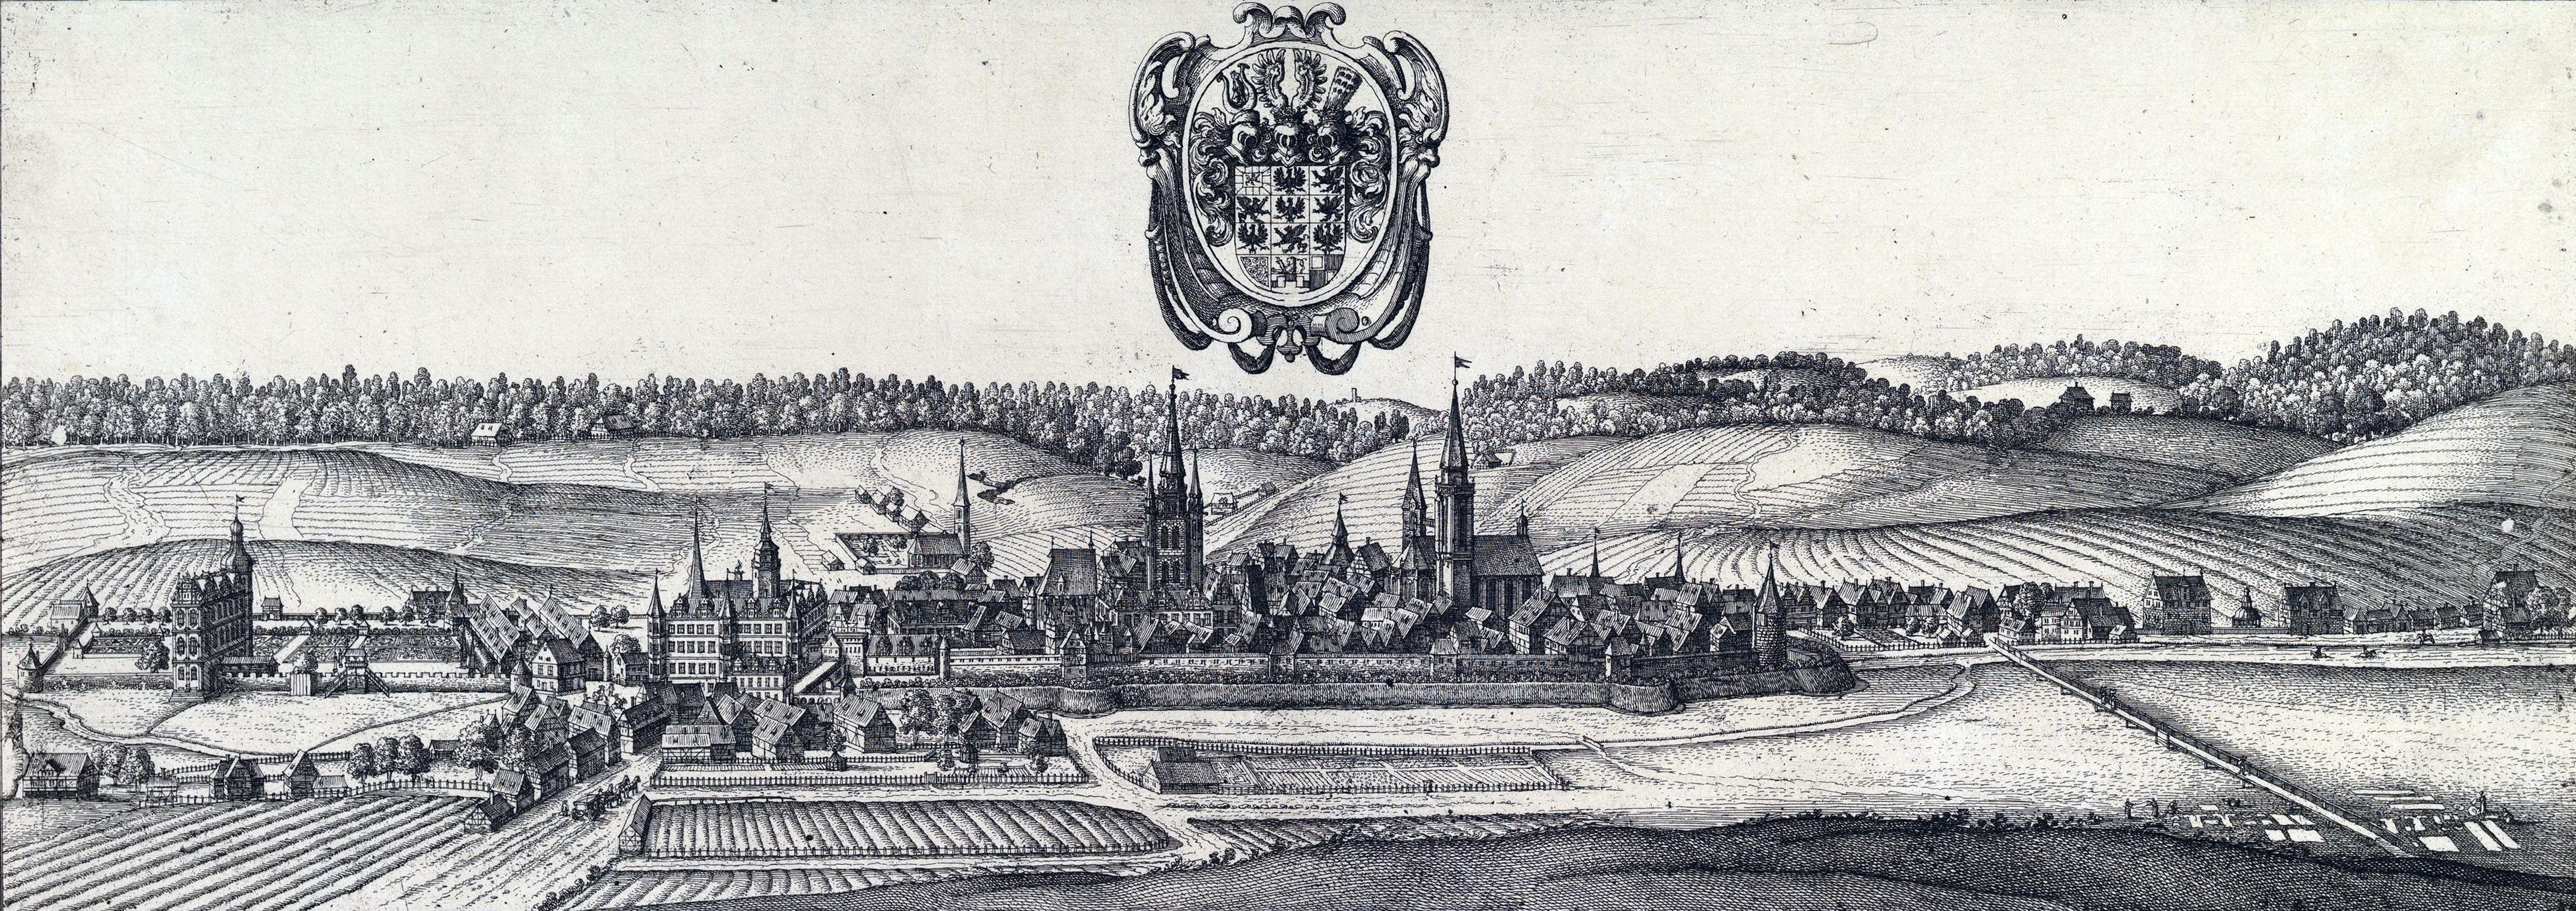 Ansbach Wikipedia